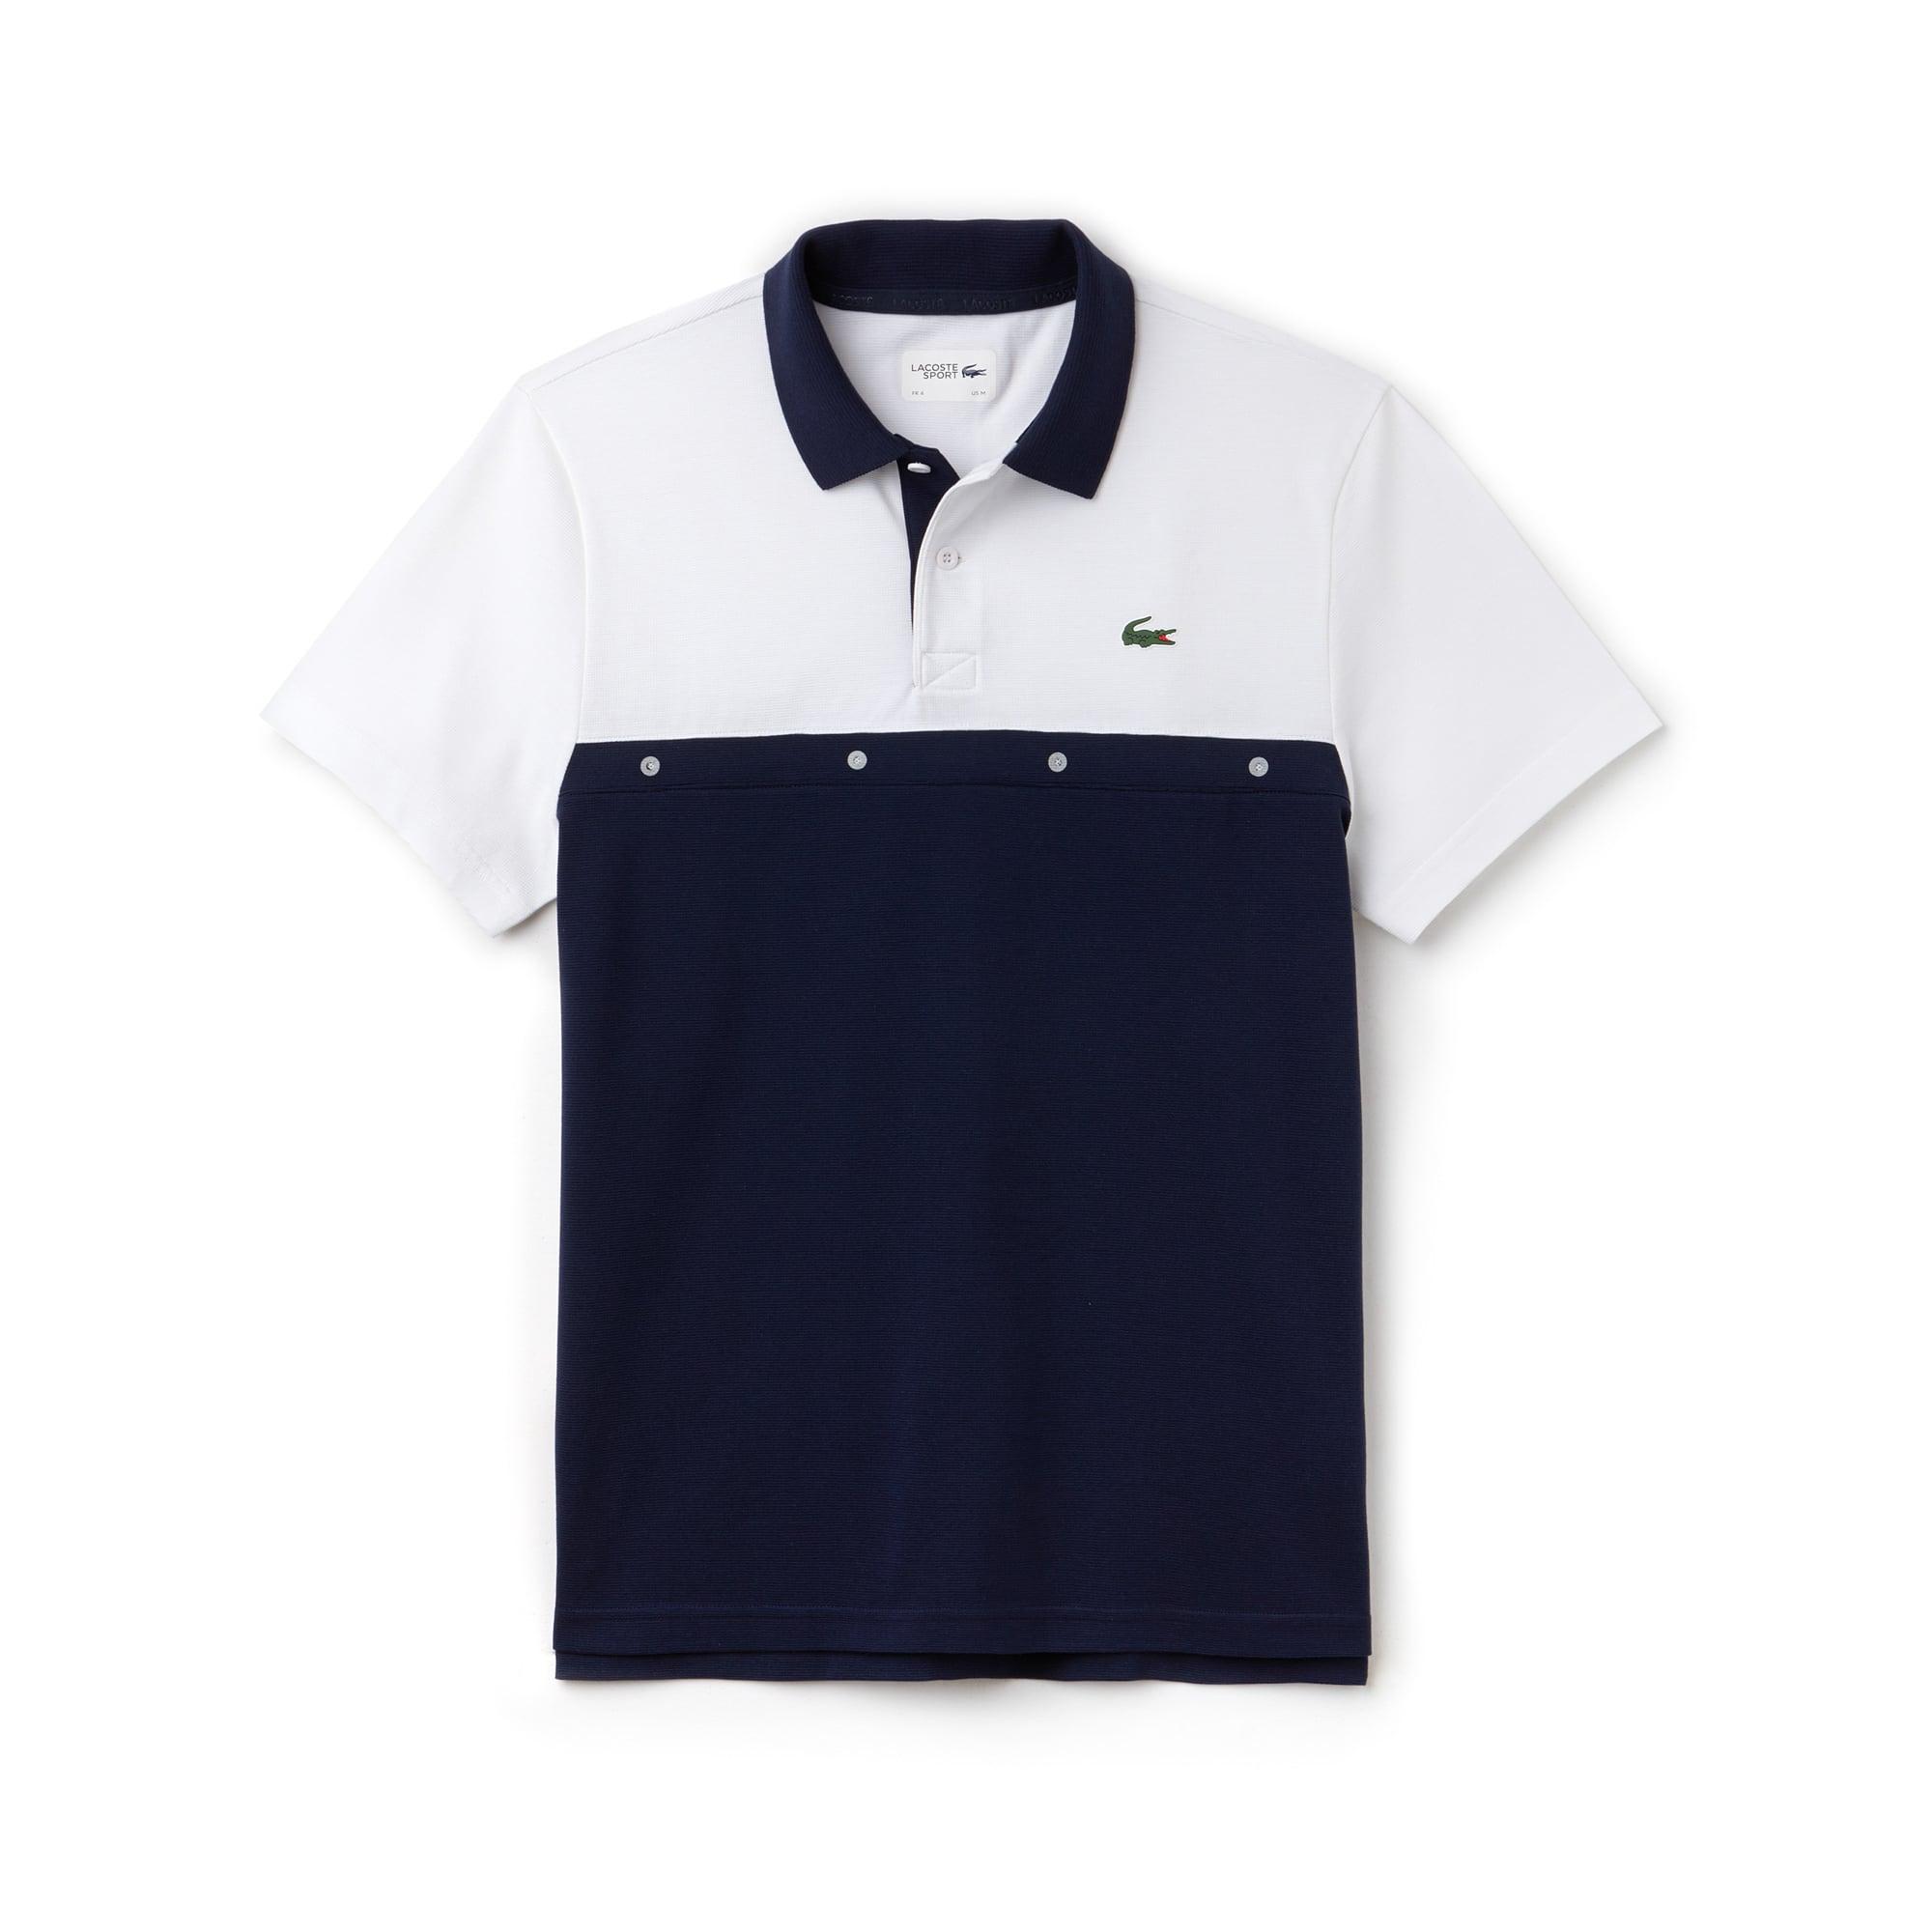 Men's Lacoste SPORT Colorblock Cotton Knit Tennis Polo